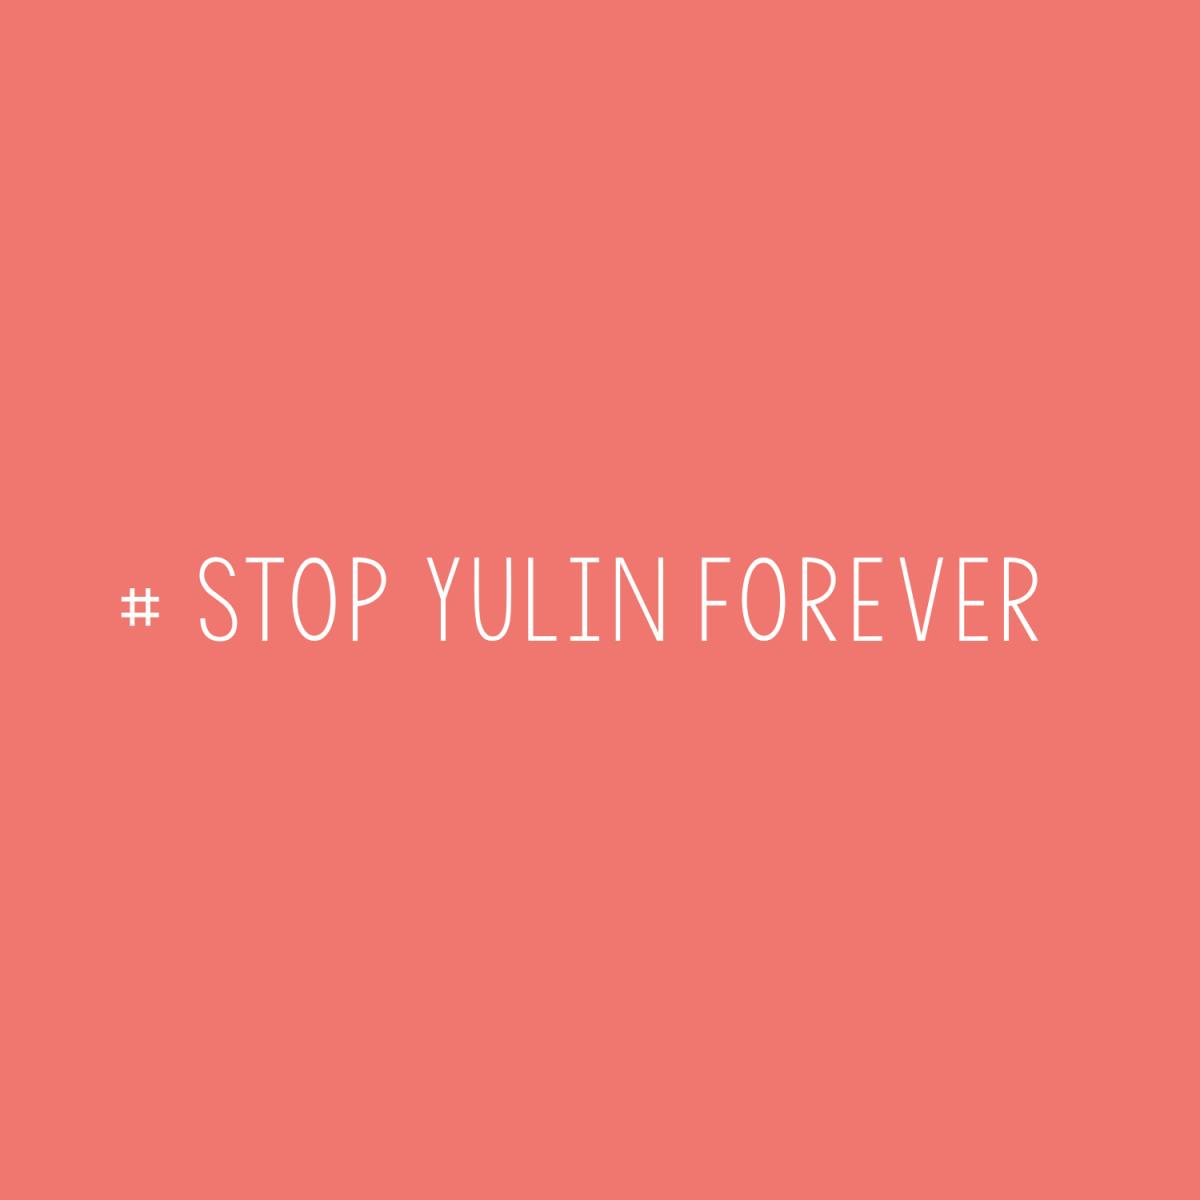 Mobilisons-nous contre le festival de Yulin